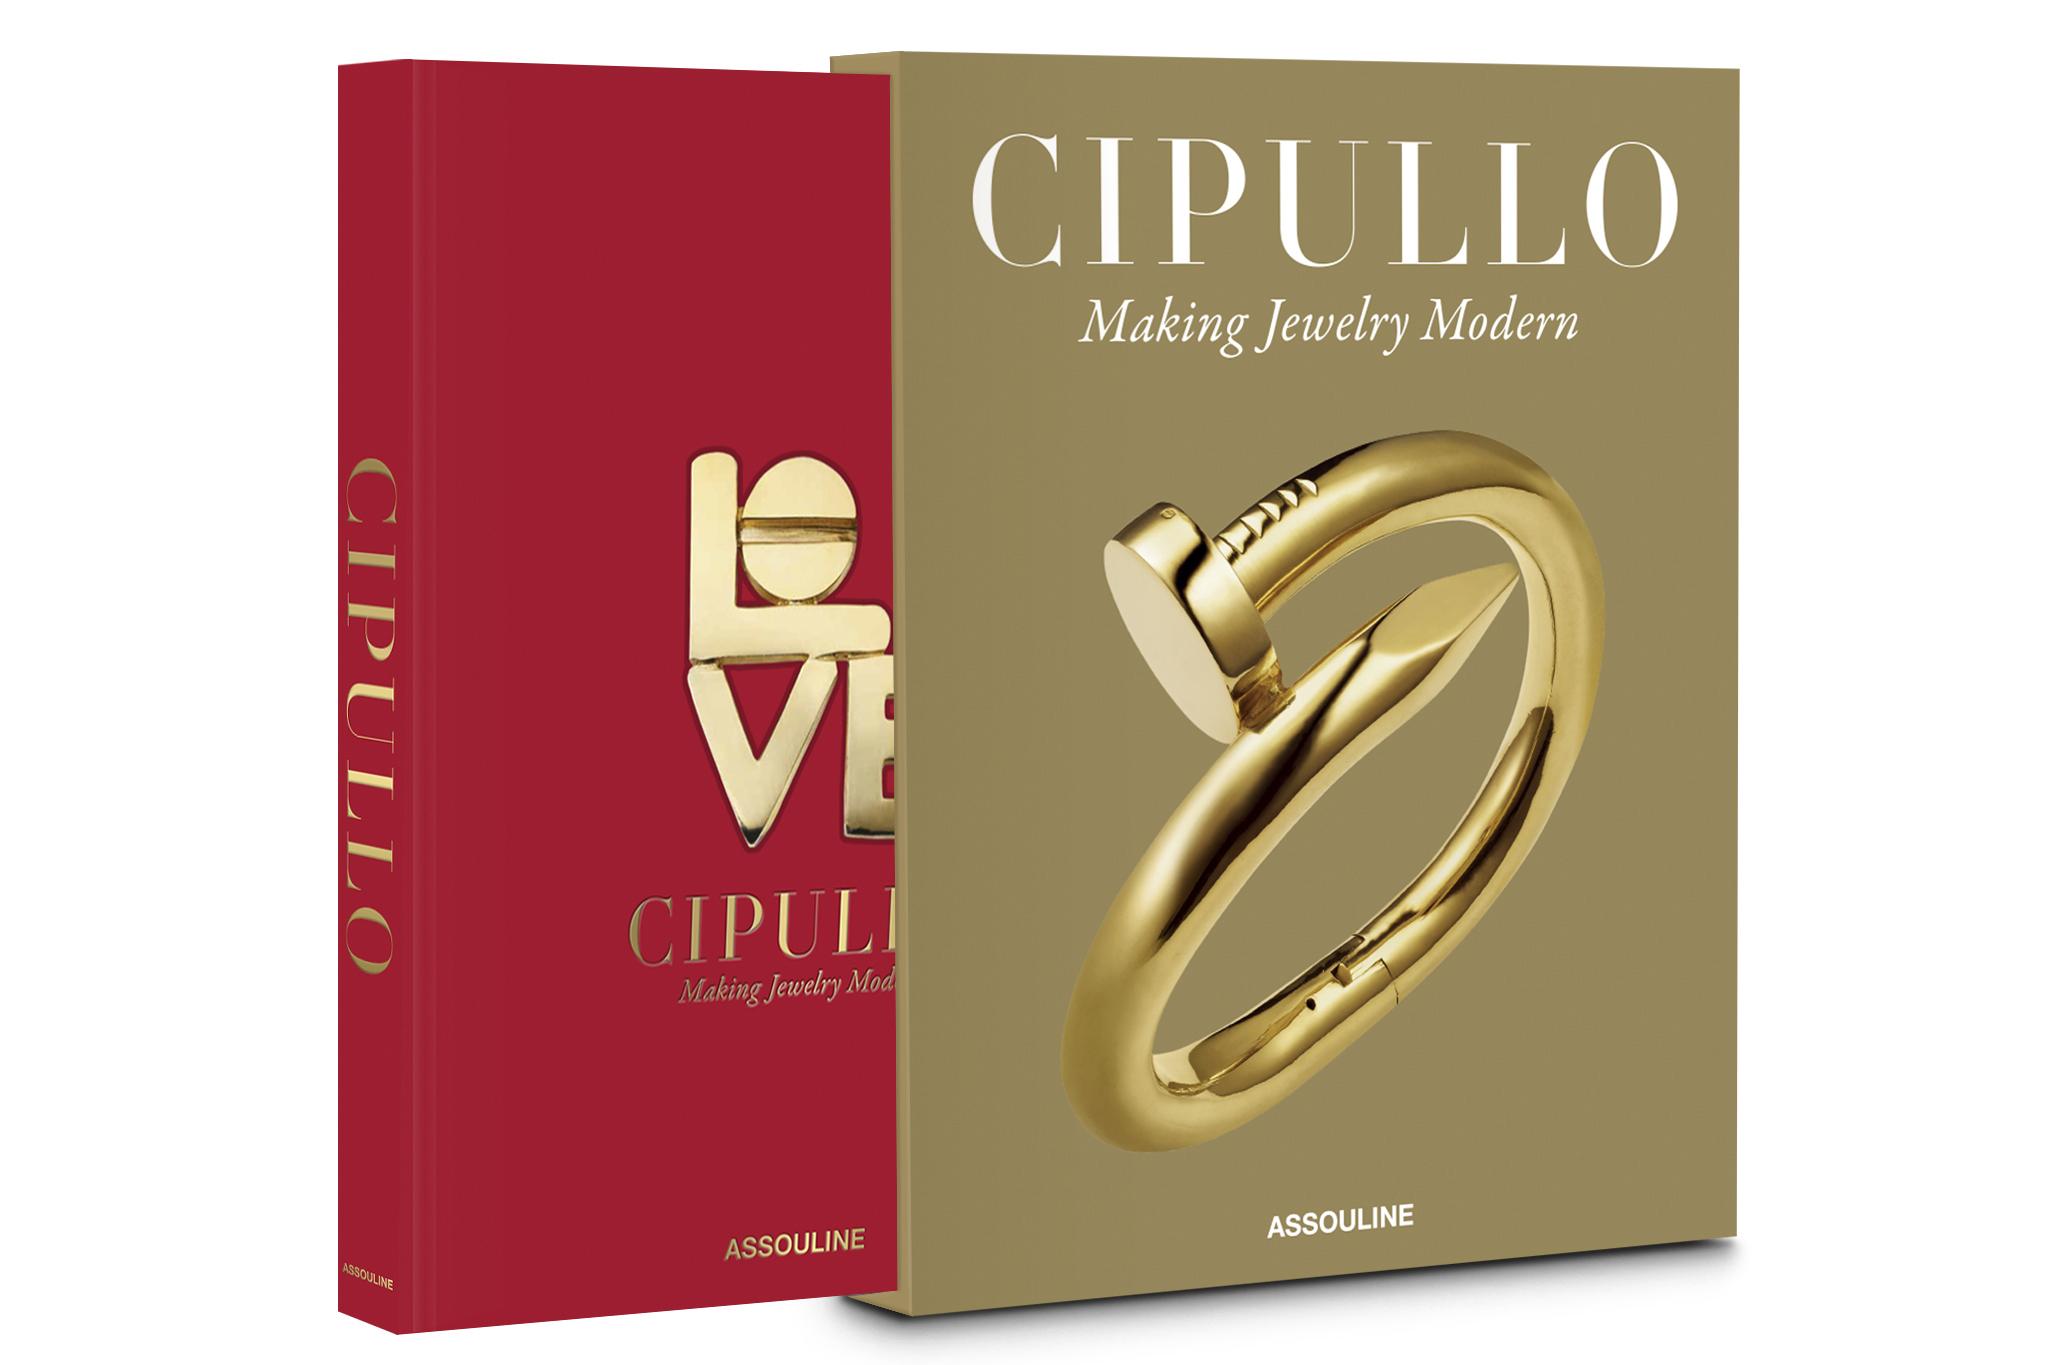 """""""Cipullo: Making Jewelry Modern"""" a survey of Cartier creator Aldo Cipullo."""